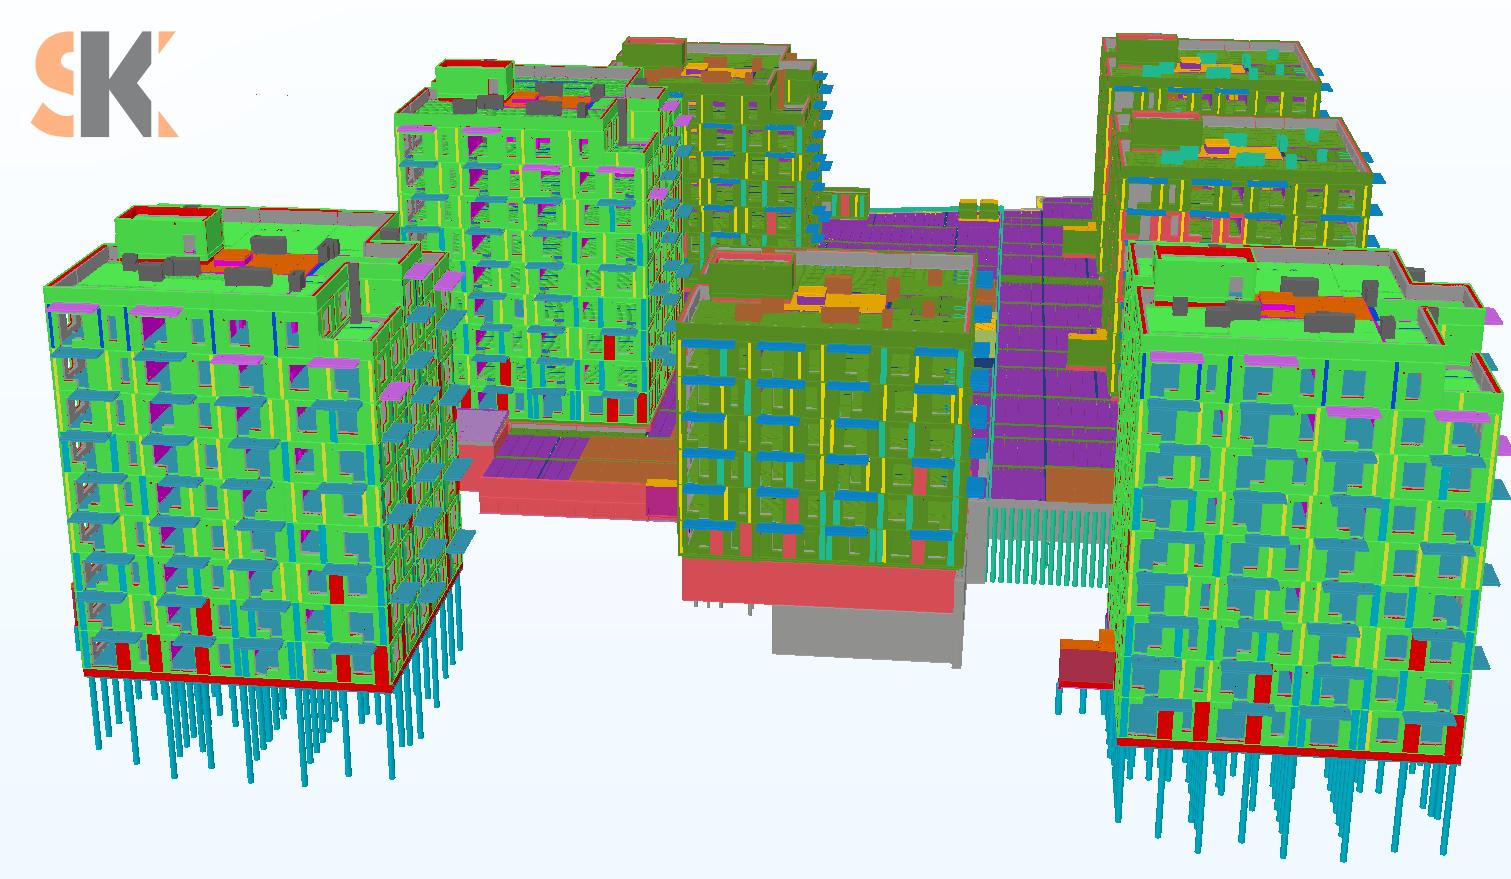 Daugiabučių gyvenamųjų namų su požeminiu parkingu Tuskulėnų g., Vilniaus m. kvartalas. Techninis ir darbo projektai